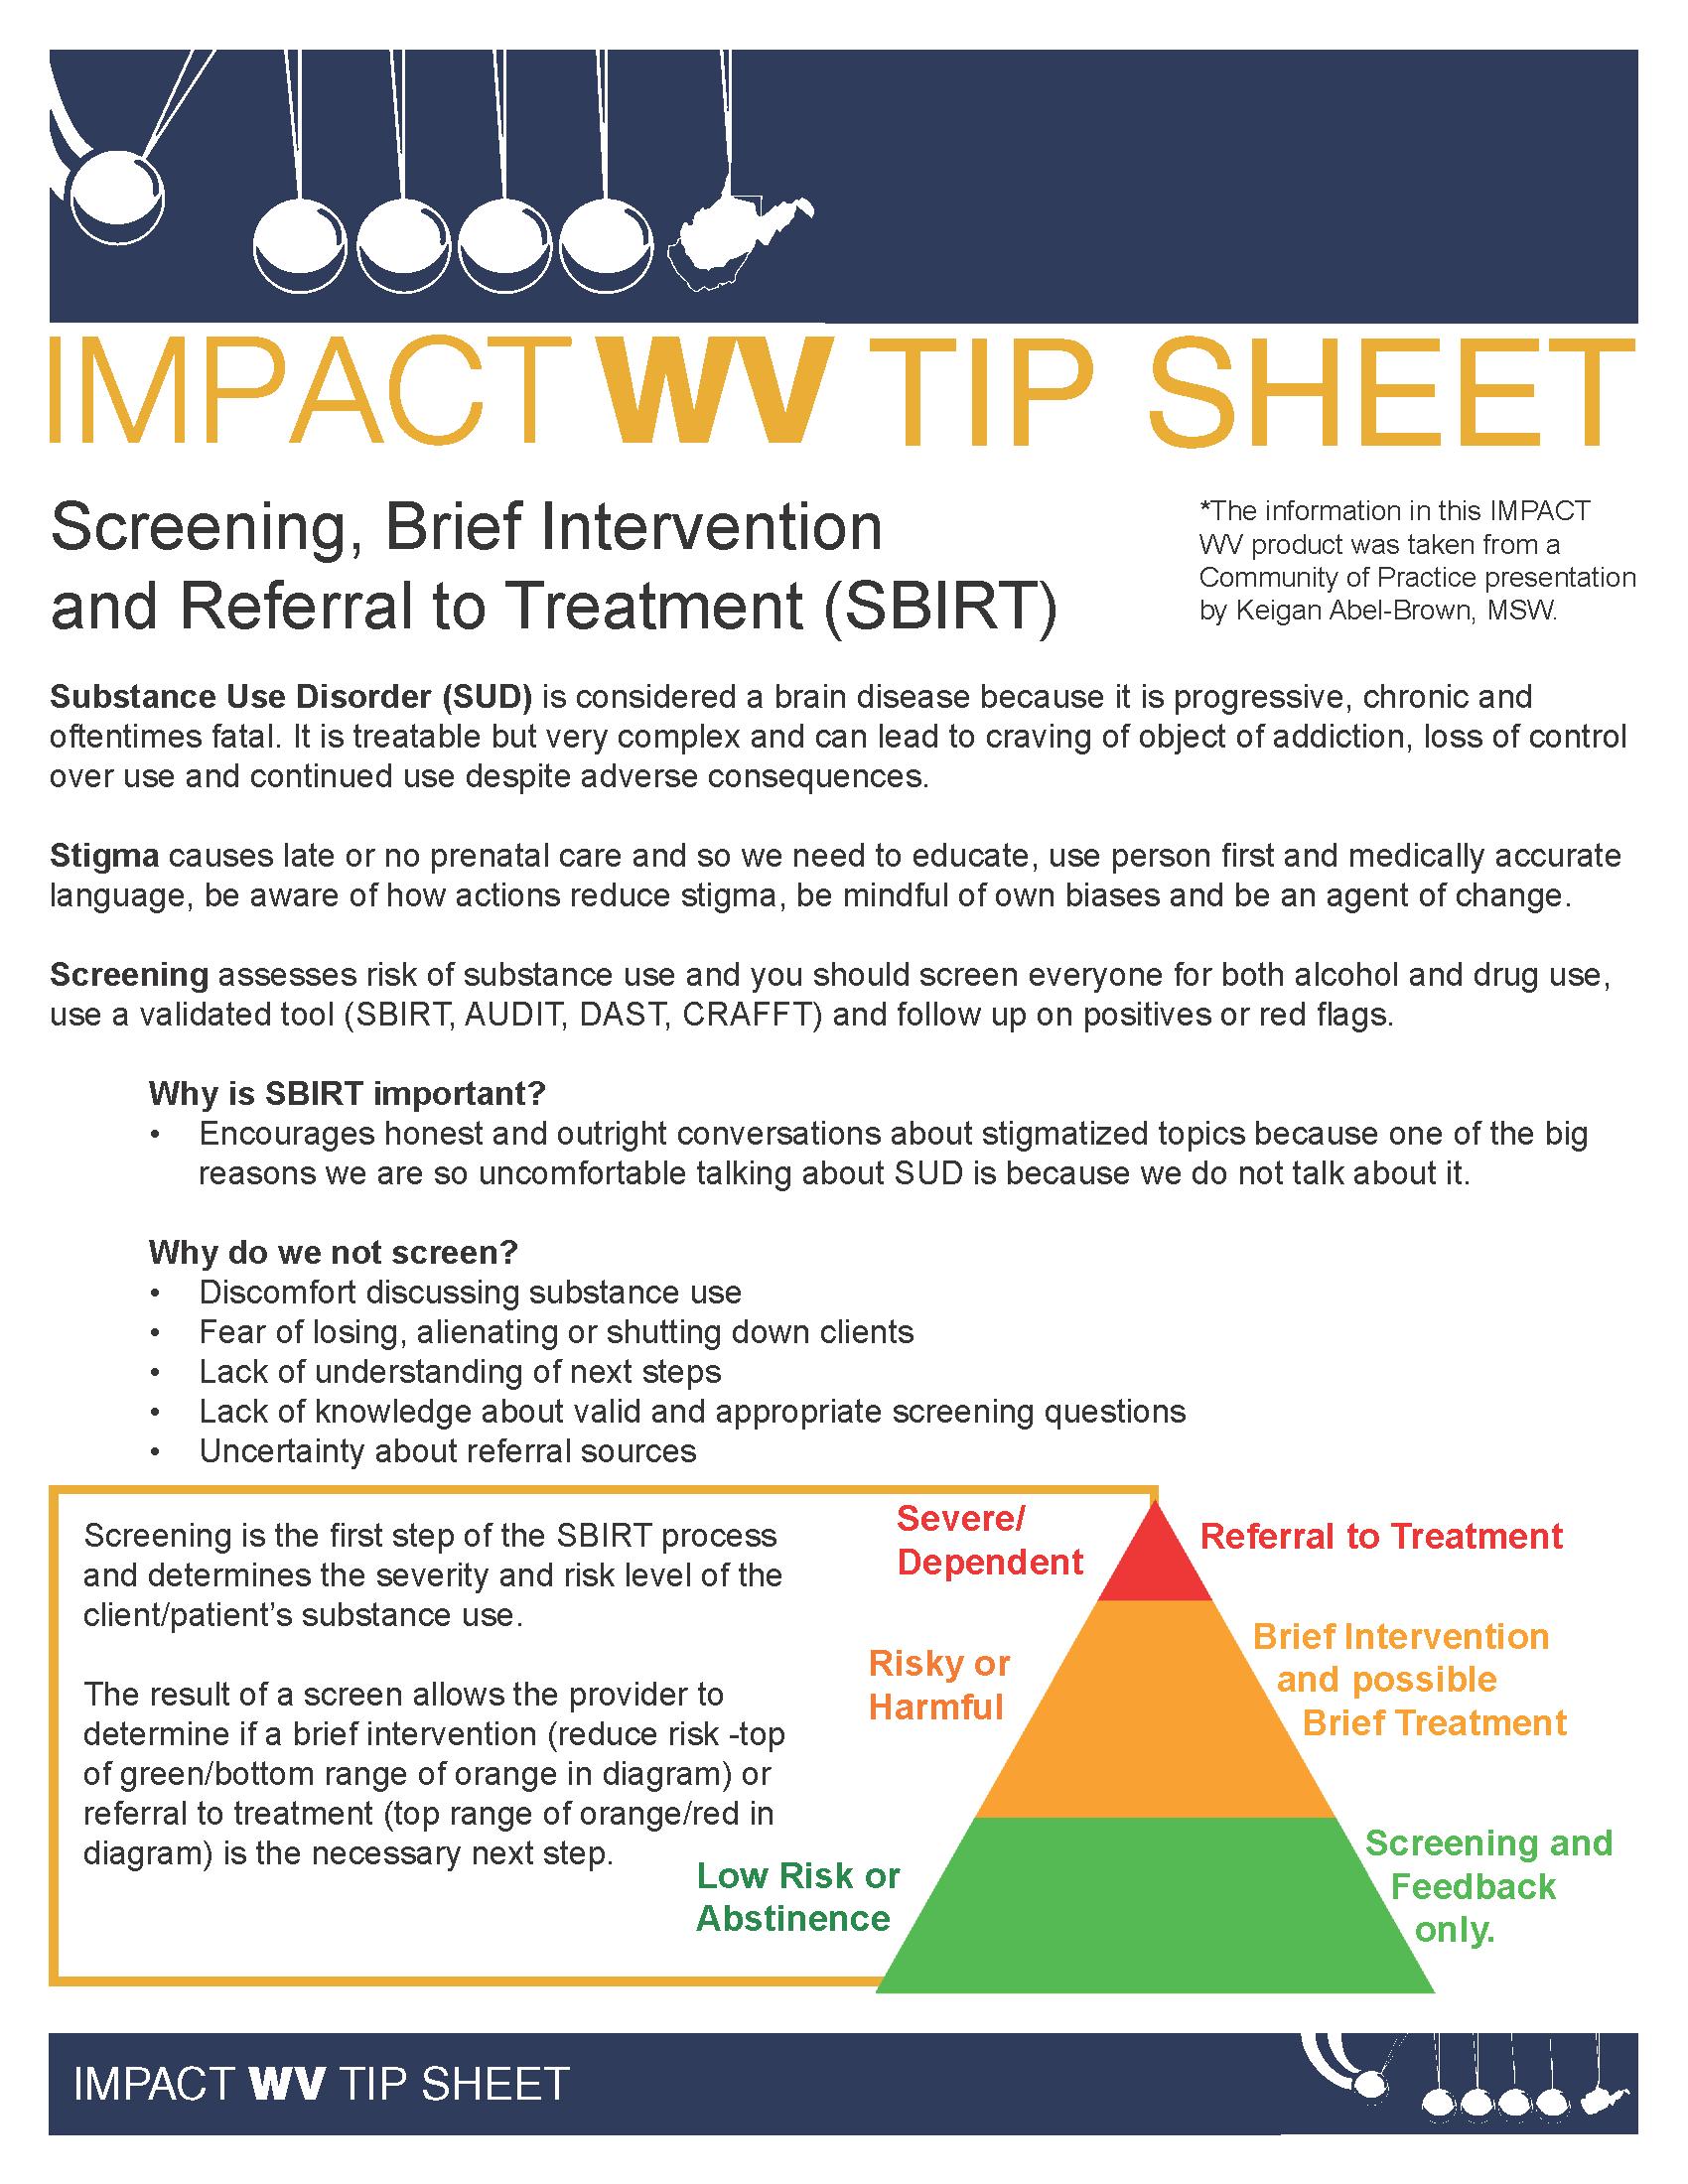 IMPACT WV TIp Sheet